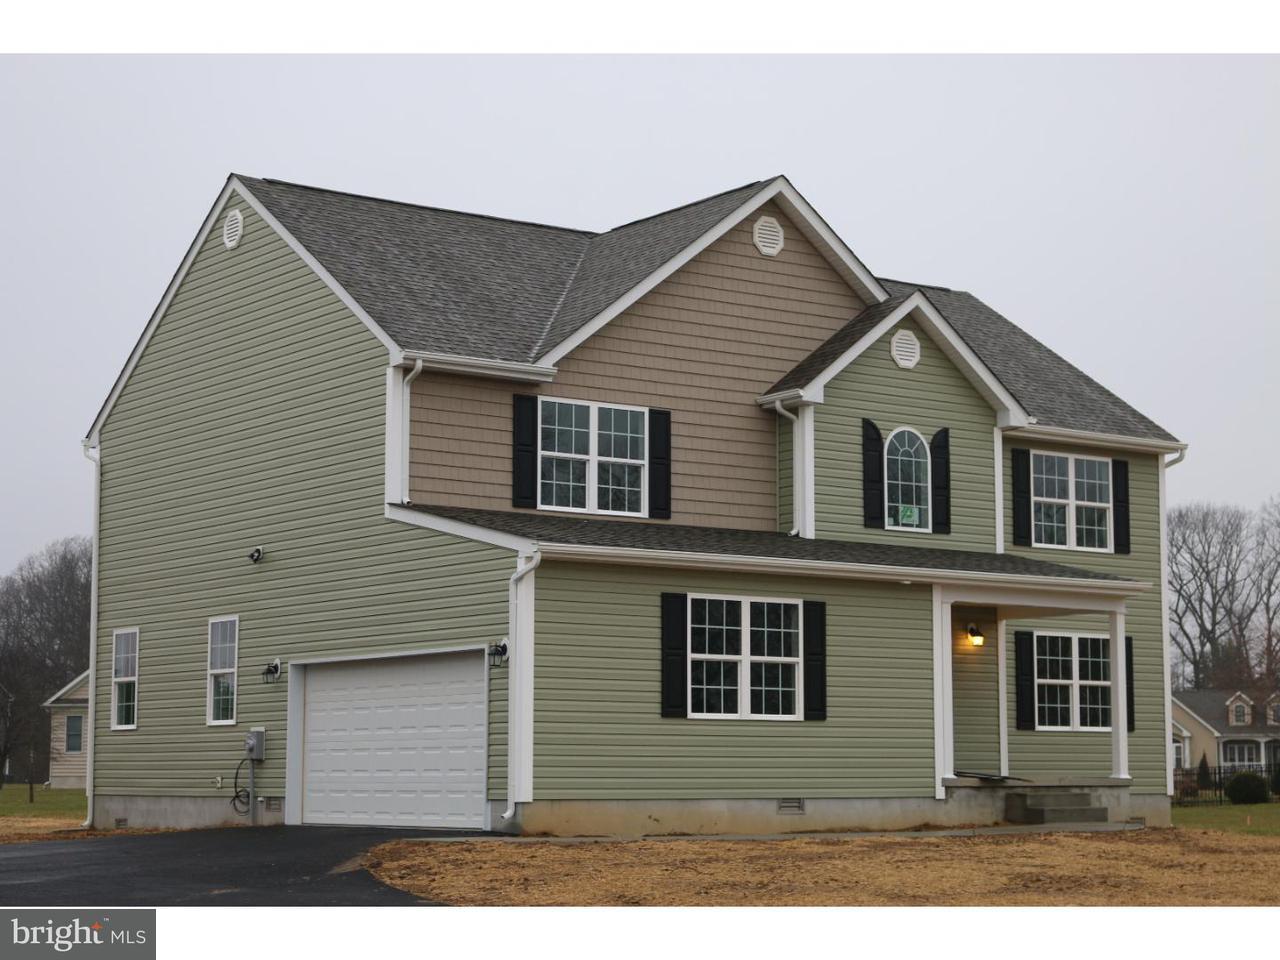 Частный односемейный дом для того Аренда на 682 GOLF LINKS Lane Magnolia, Делавэр 19962 Соединенные Штаты